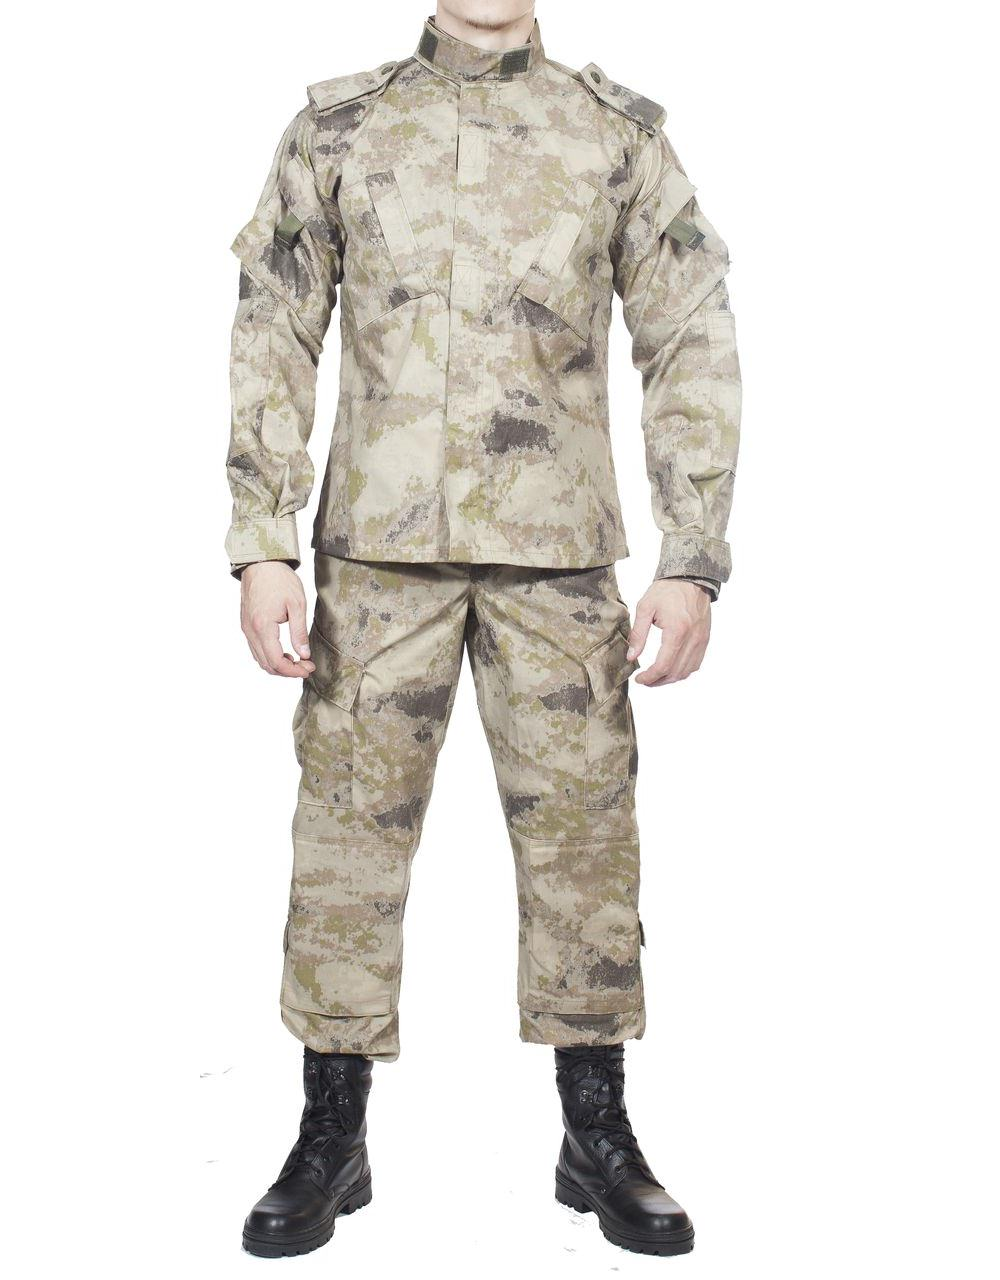 Костюм летний МПА-04 (НАТО-1) КМФ (мираж, песок), Костюмы неутепленные<br>Костюм состоит из куртки и брюк. В зоне <br>локтей и коленей имеются карманы для размещения <br>протекторов. Особенностями летнего тактического <br>костюма являются: максимальный комфорт, <br>свобода движений и повышенная износостойкость. <br>ХАРАКТЕРИСТИКИ ДЛЯ ИНТЕНСИВНЫХ НАГРУЗОК <br>ИДЕАЛЬНАЯ МАСКИРОВКА ДЛЯ АКТИВНОГО ОТДЫХА <br>МАТЕРИАЛЫ 65% П/Э, 35% Х/Б<br><br>Пол: мужской<br>Размер: 60<br>Рост: 188<br>Сезон: лето<br>Цвет: песок (фотокамуфляж)<br>Материал: текстиль